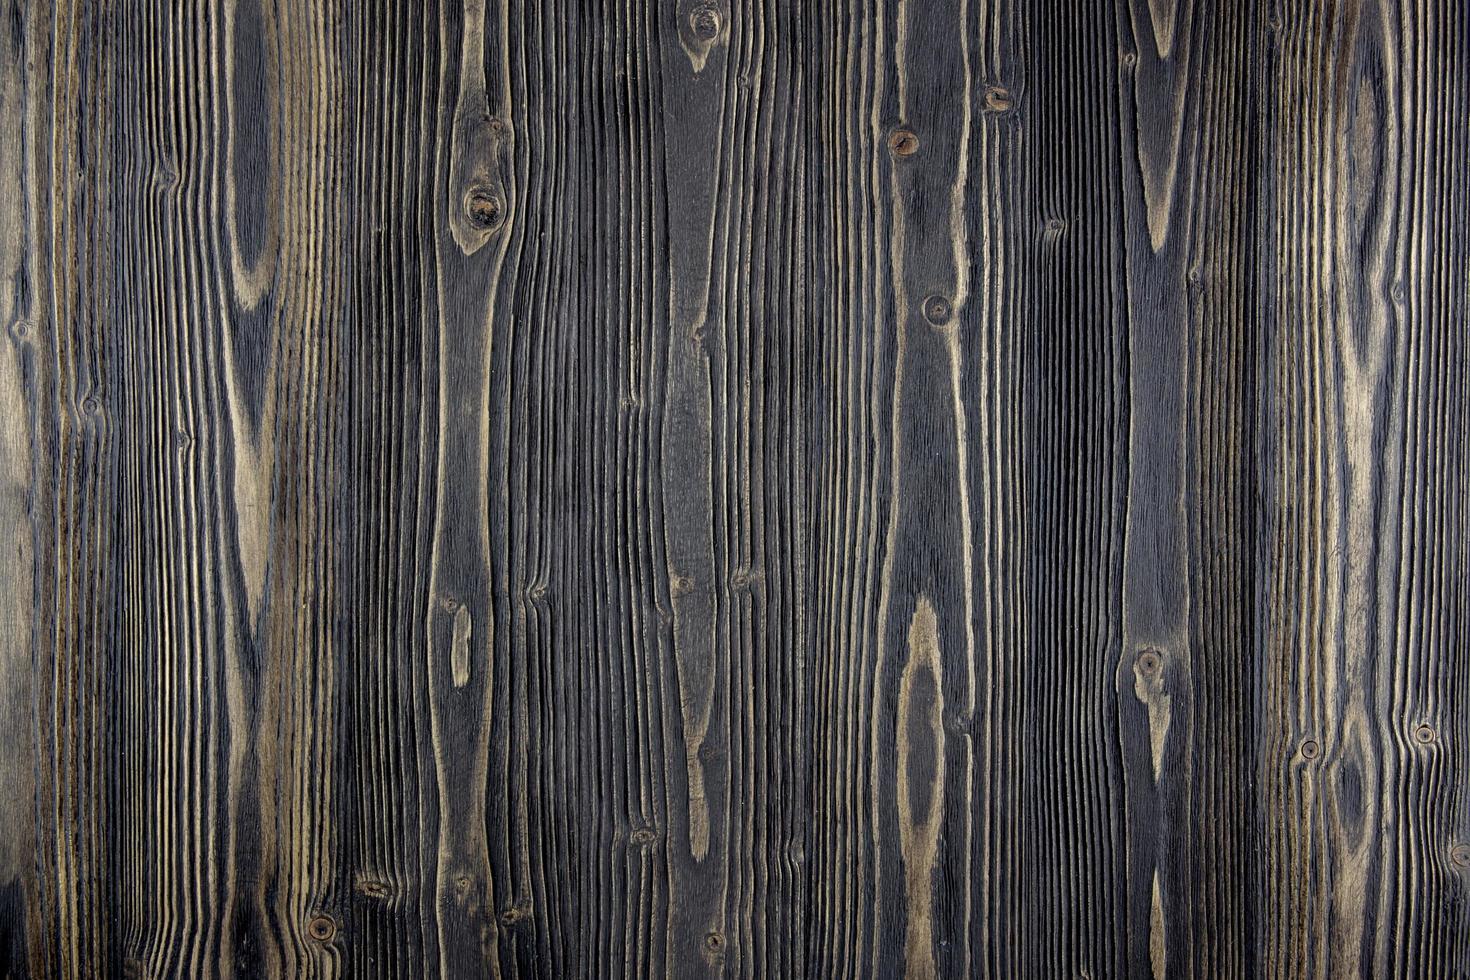 superficie del tavolo in legno scuro foto